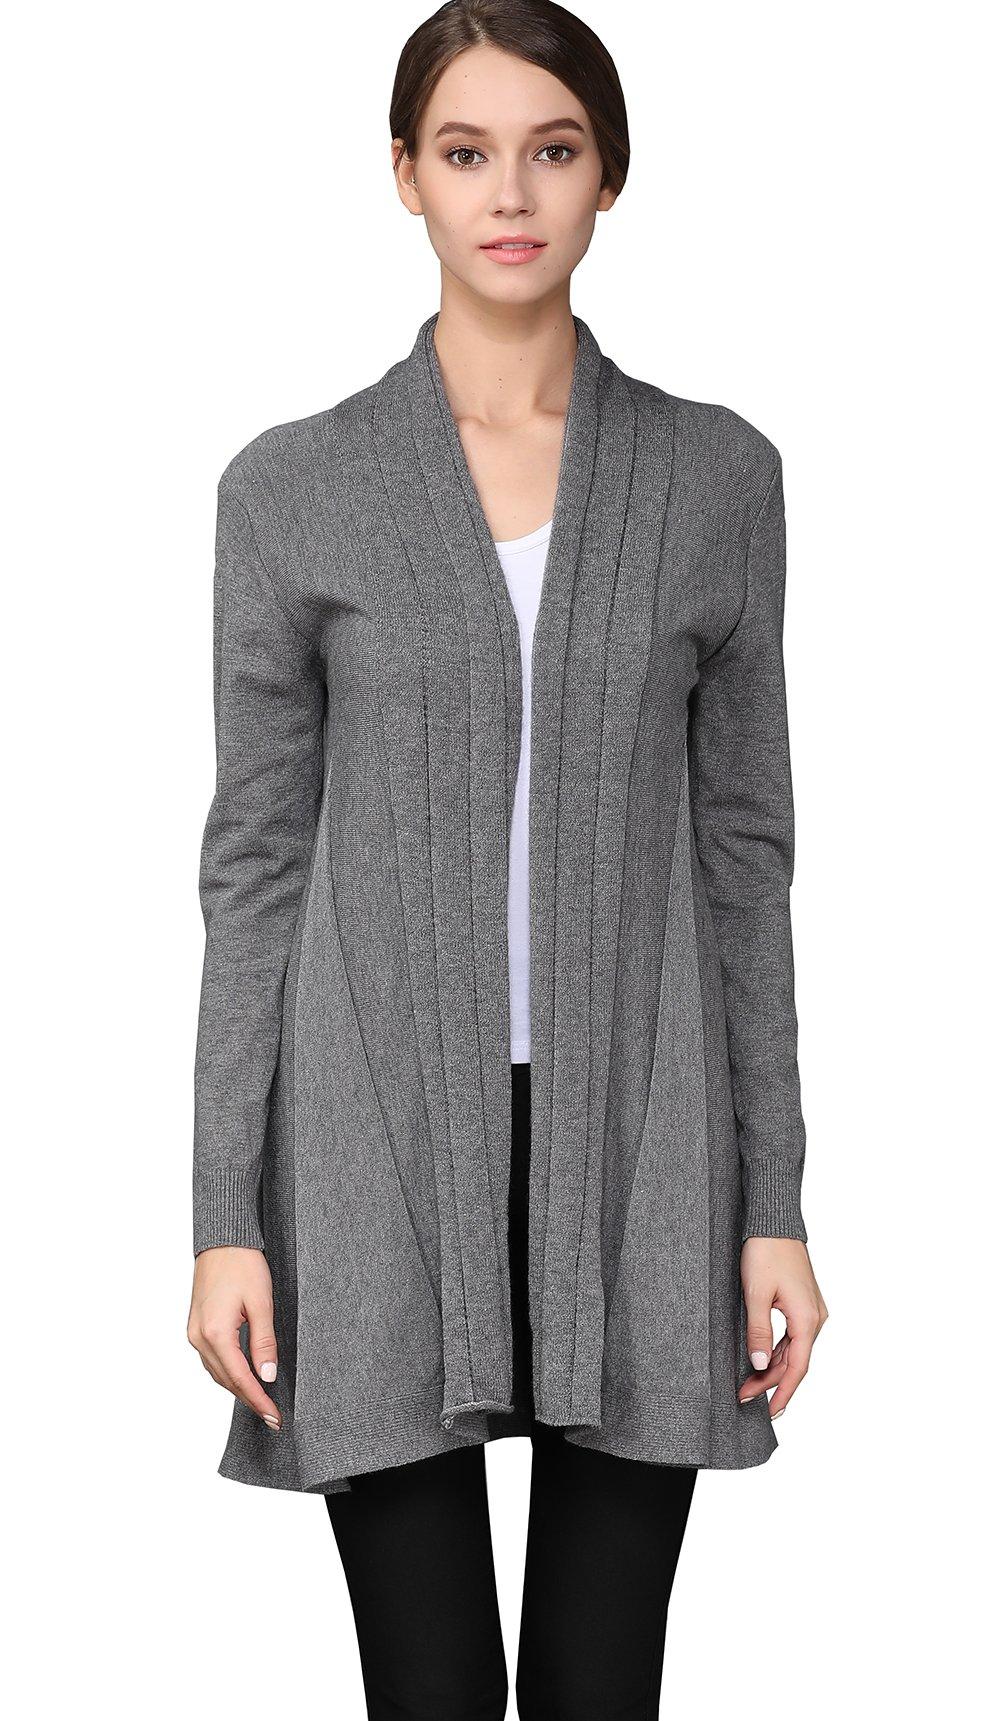 shengweiao Womens Long Sleeve Classic Knit Cardigan Sweater (Large, Dark Grey) by shengweiao (Image #2)